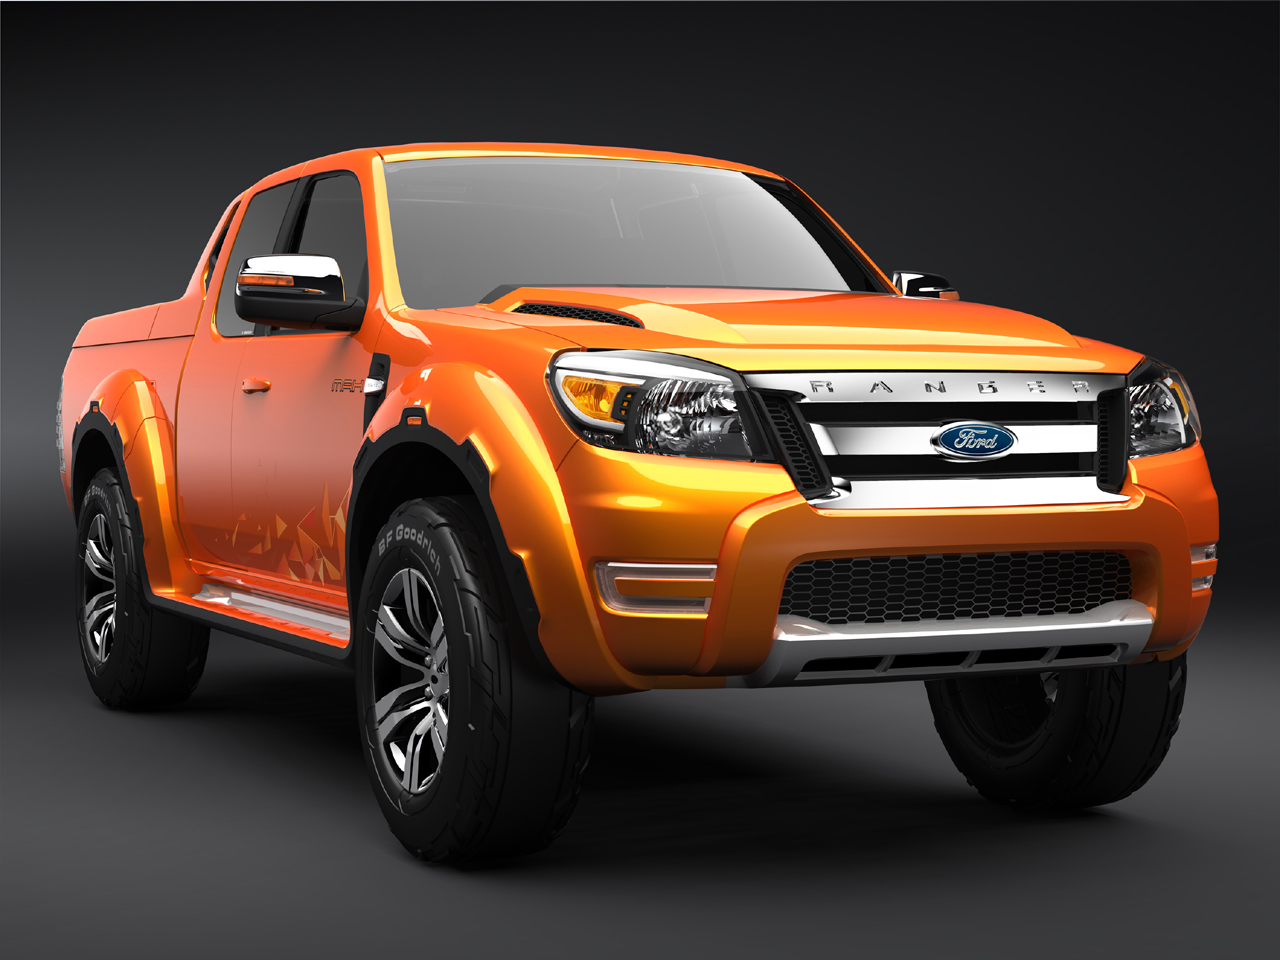 Ford Ranger Images: